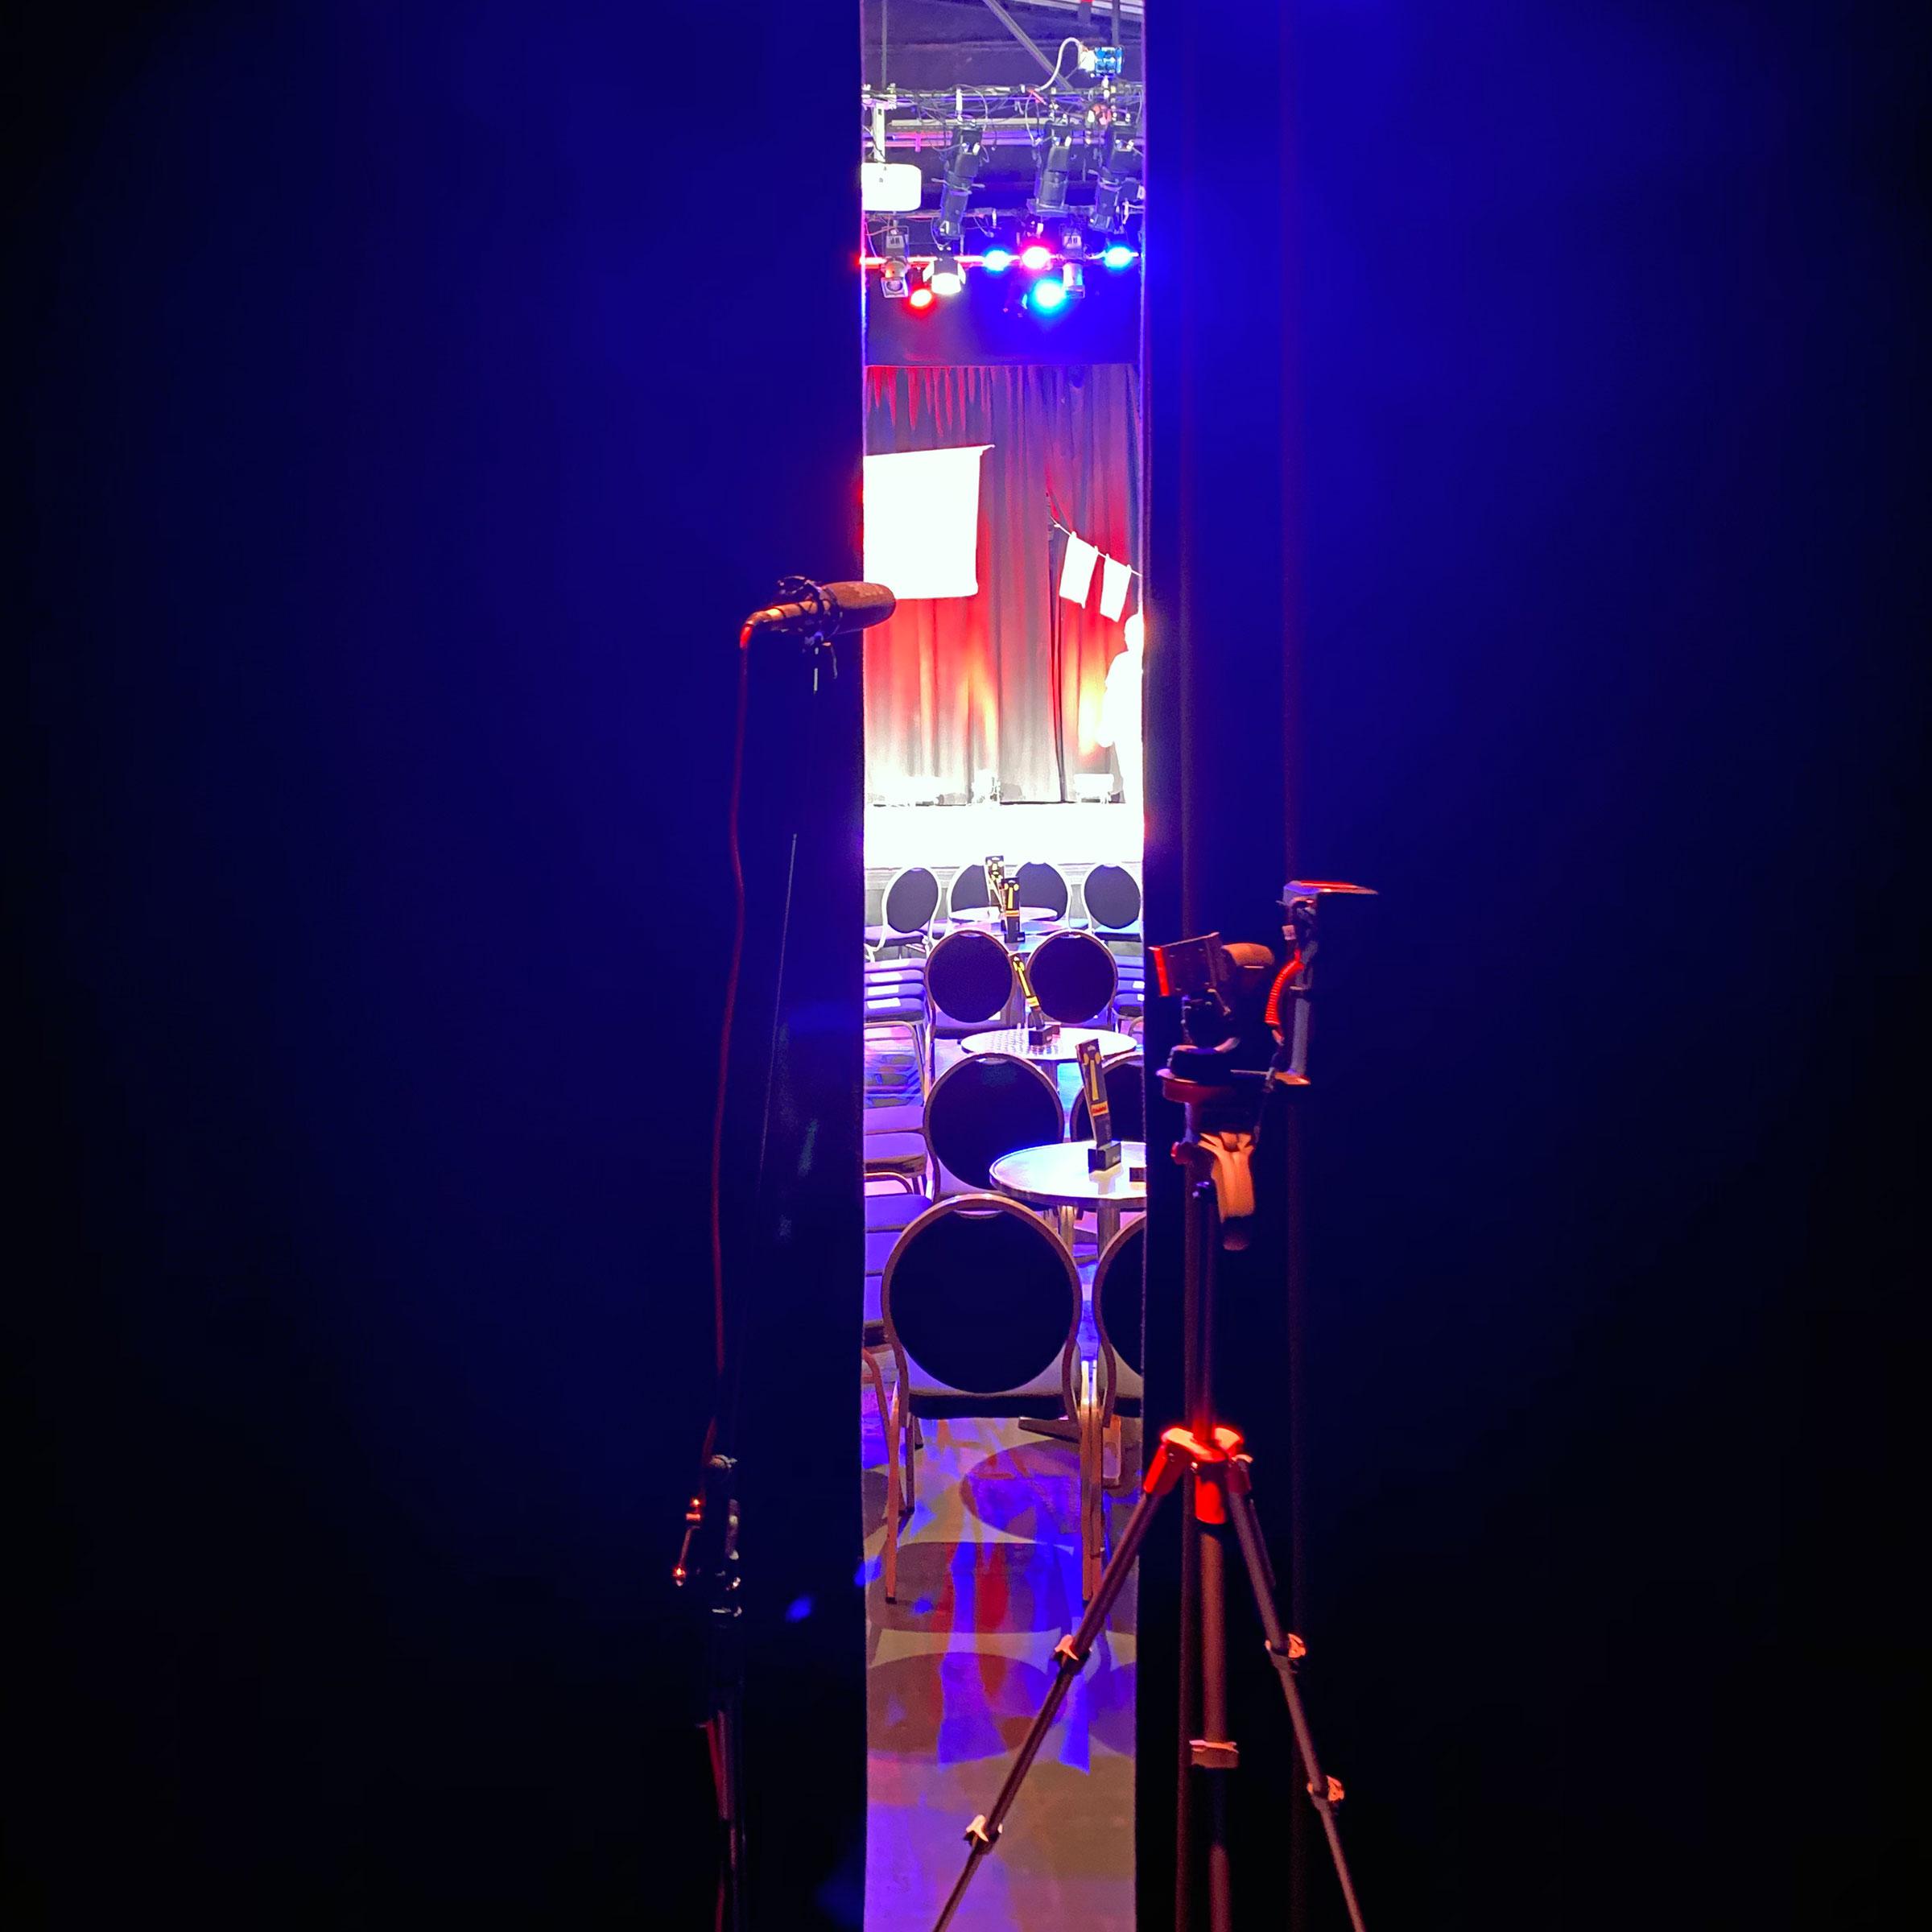 In einem schmalen Schlitz sieht man die Bühne und einige Stühle und Tische. Im Vordergrund zu erahnen sind ein Mikrofon und ein Stativ.